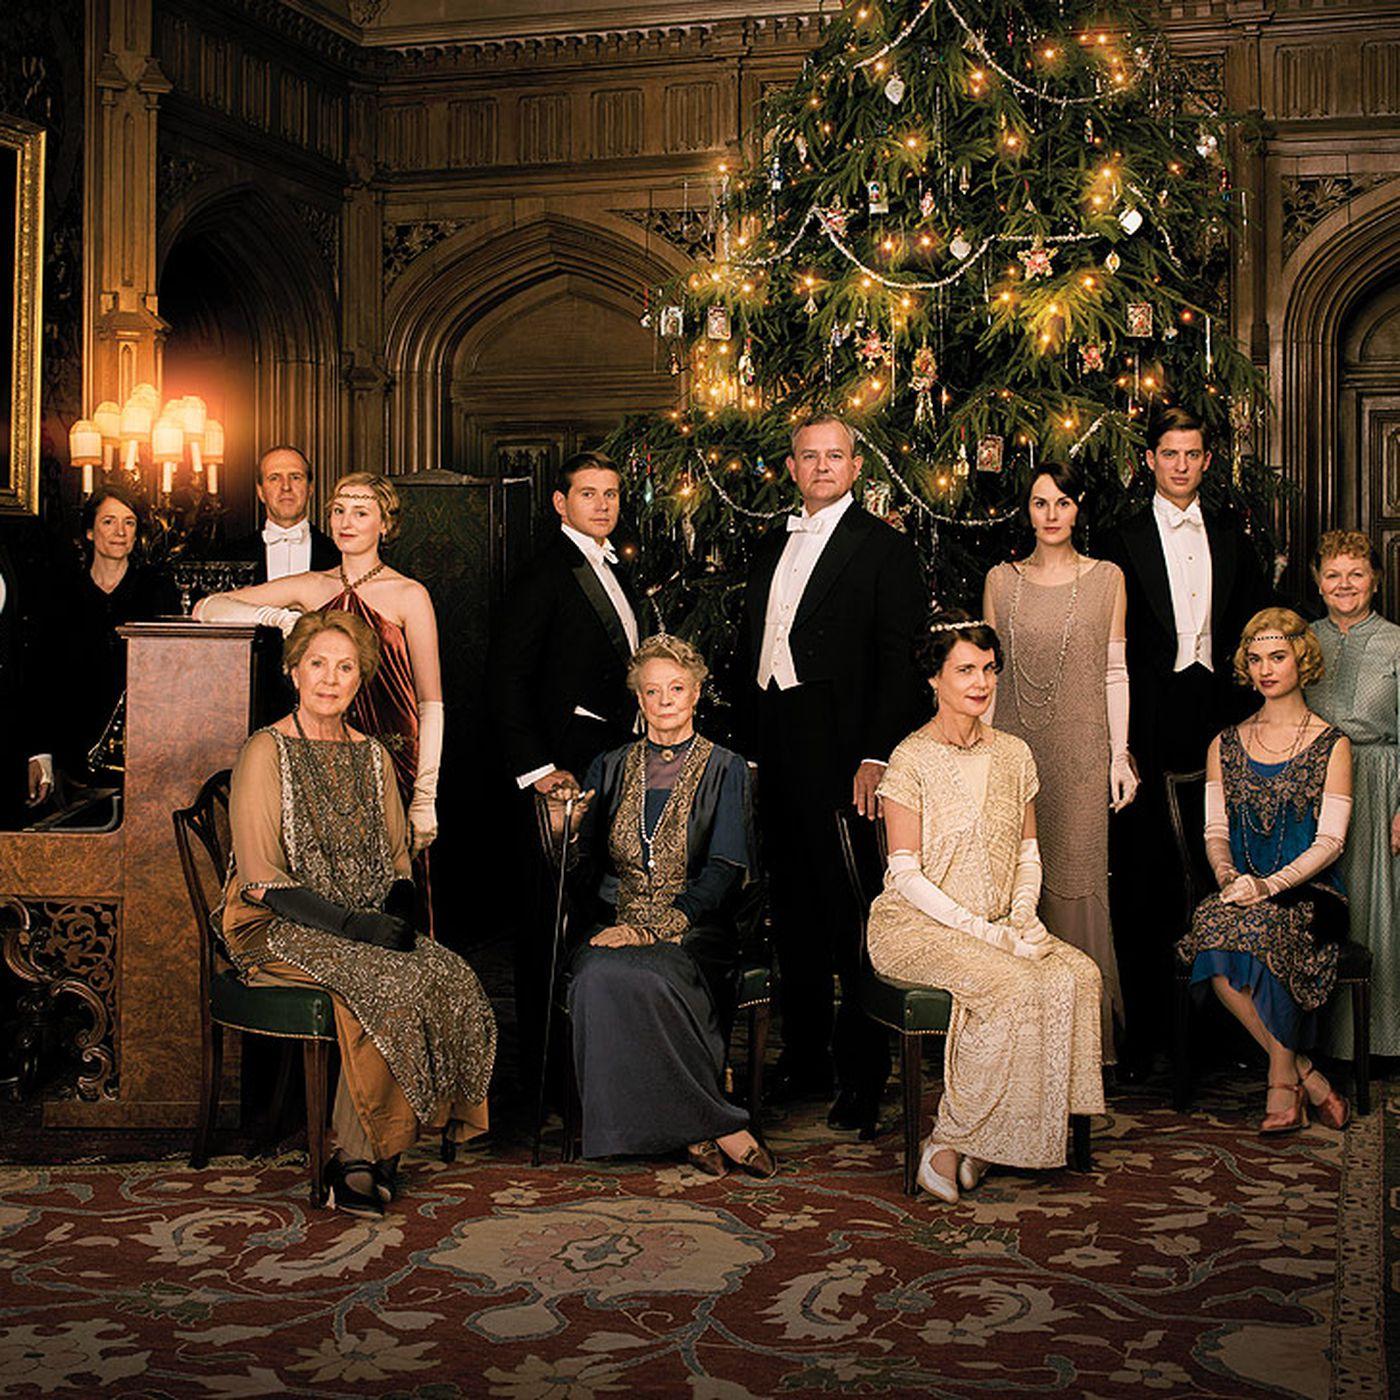 watch downton abbey season 4 episode 2 online free